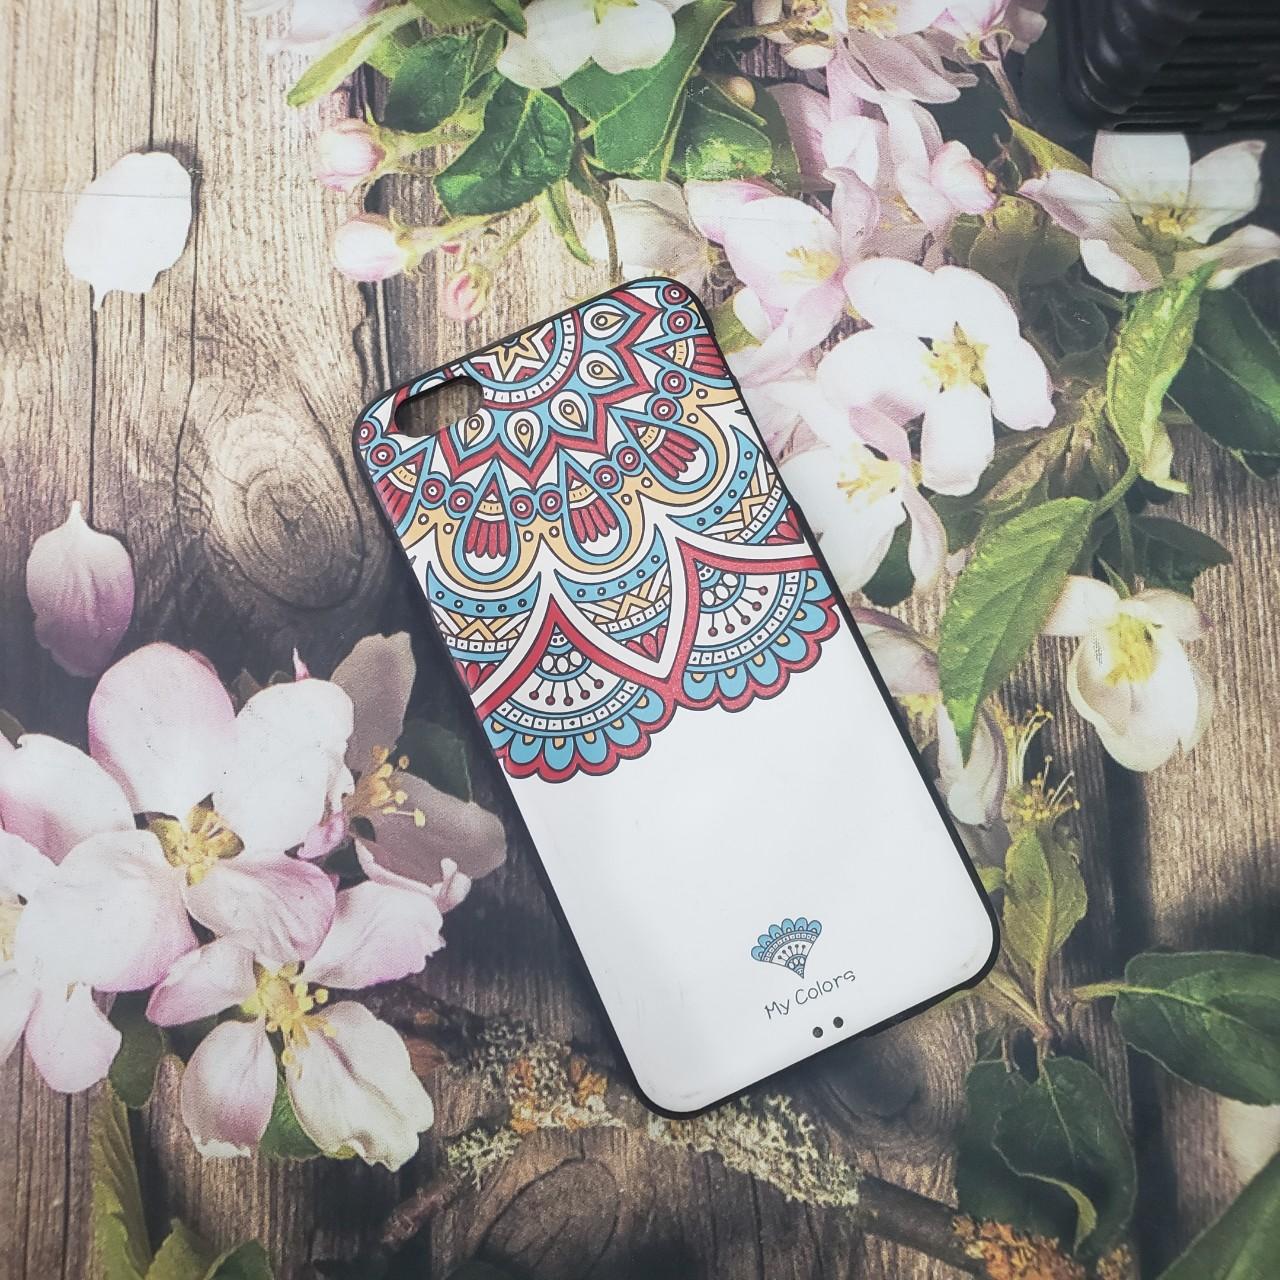 Ốp Silicon Fashion In Hình 3D Chống Sốc Cho Phone 6 Plus  - Hàng Chính Hãng - 16719758 , 7567898473871 , 62_28293295 , 180000 , Op-Silicon-Fashion-In-Hinh-3D-Chong-Soc-Cho-Phone-6-Plus-Hang-Chinh-Hang-62_28293295 , tiki.vn , Ốp Silicon Fashion In Hình 3D Chống Sốc Cho Phone 6 Plus  - Hàng Chính Hãng